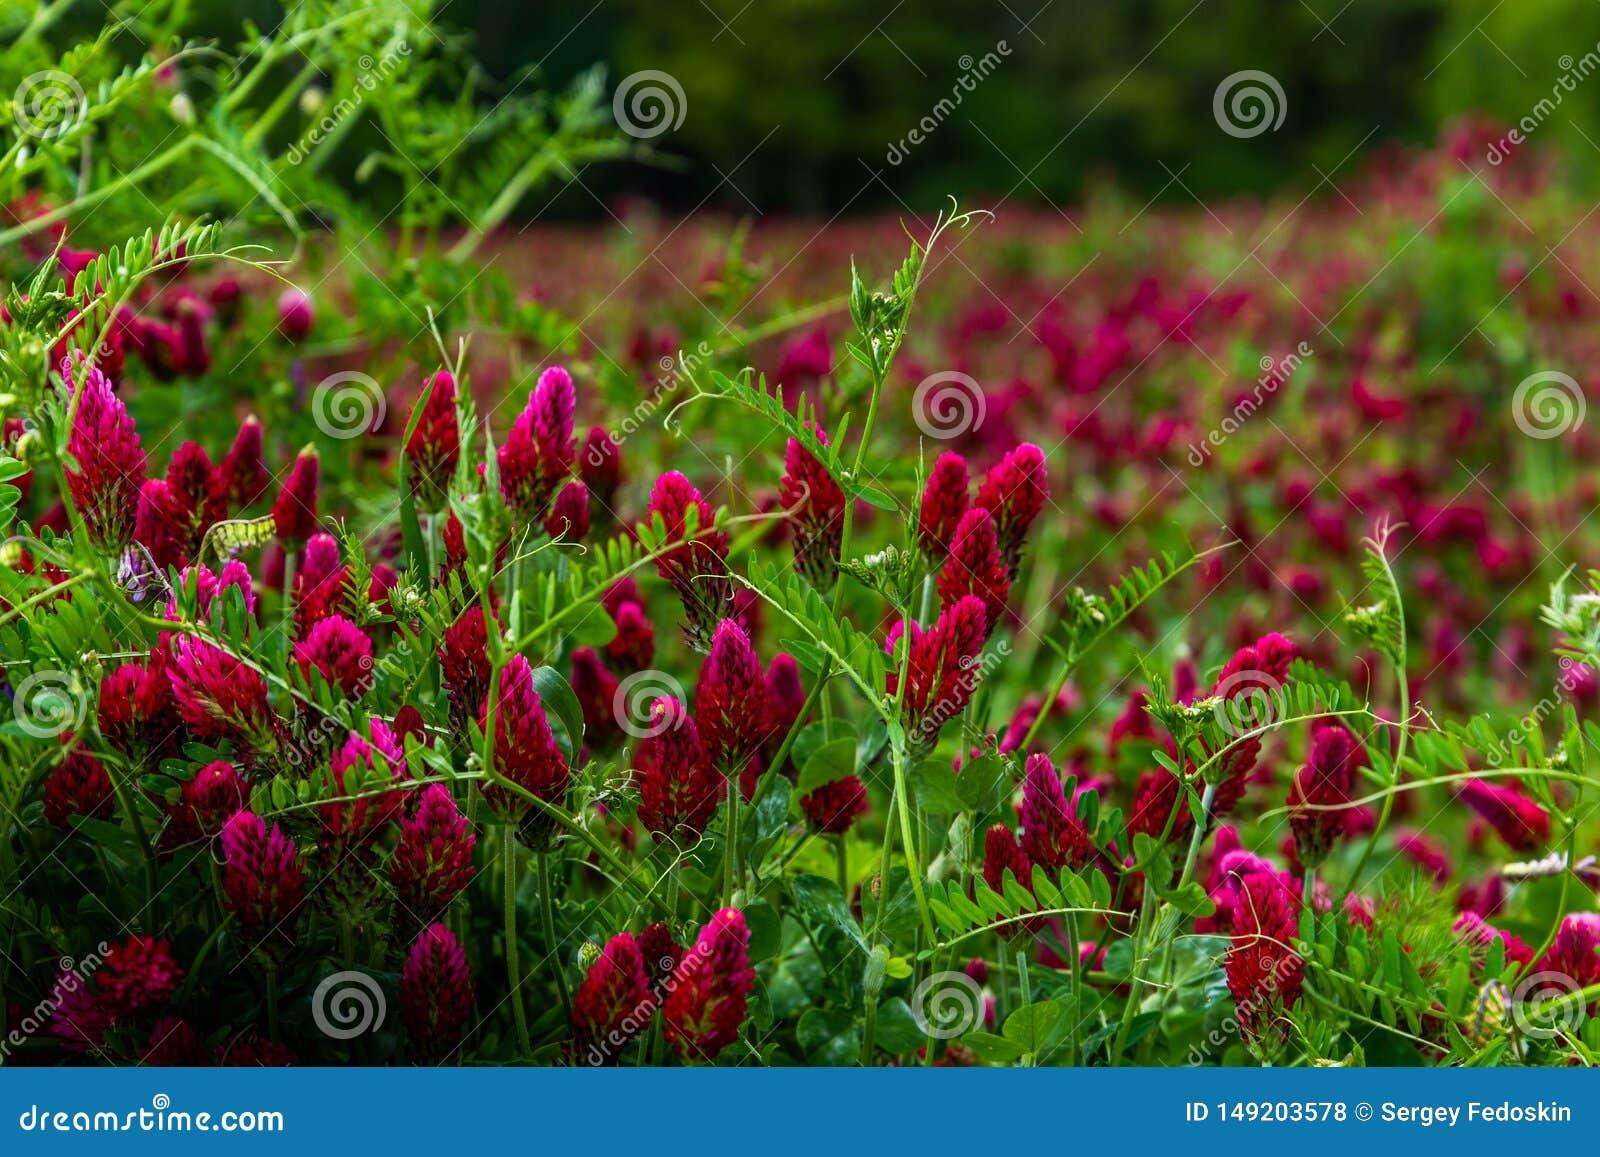 Campo di fioritura del paesaggio rurale di trifolium incarnatum dei trifogli incarnati